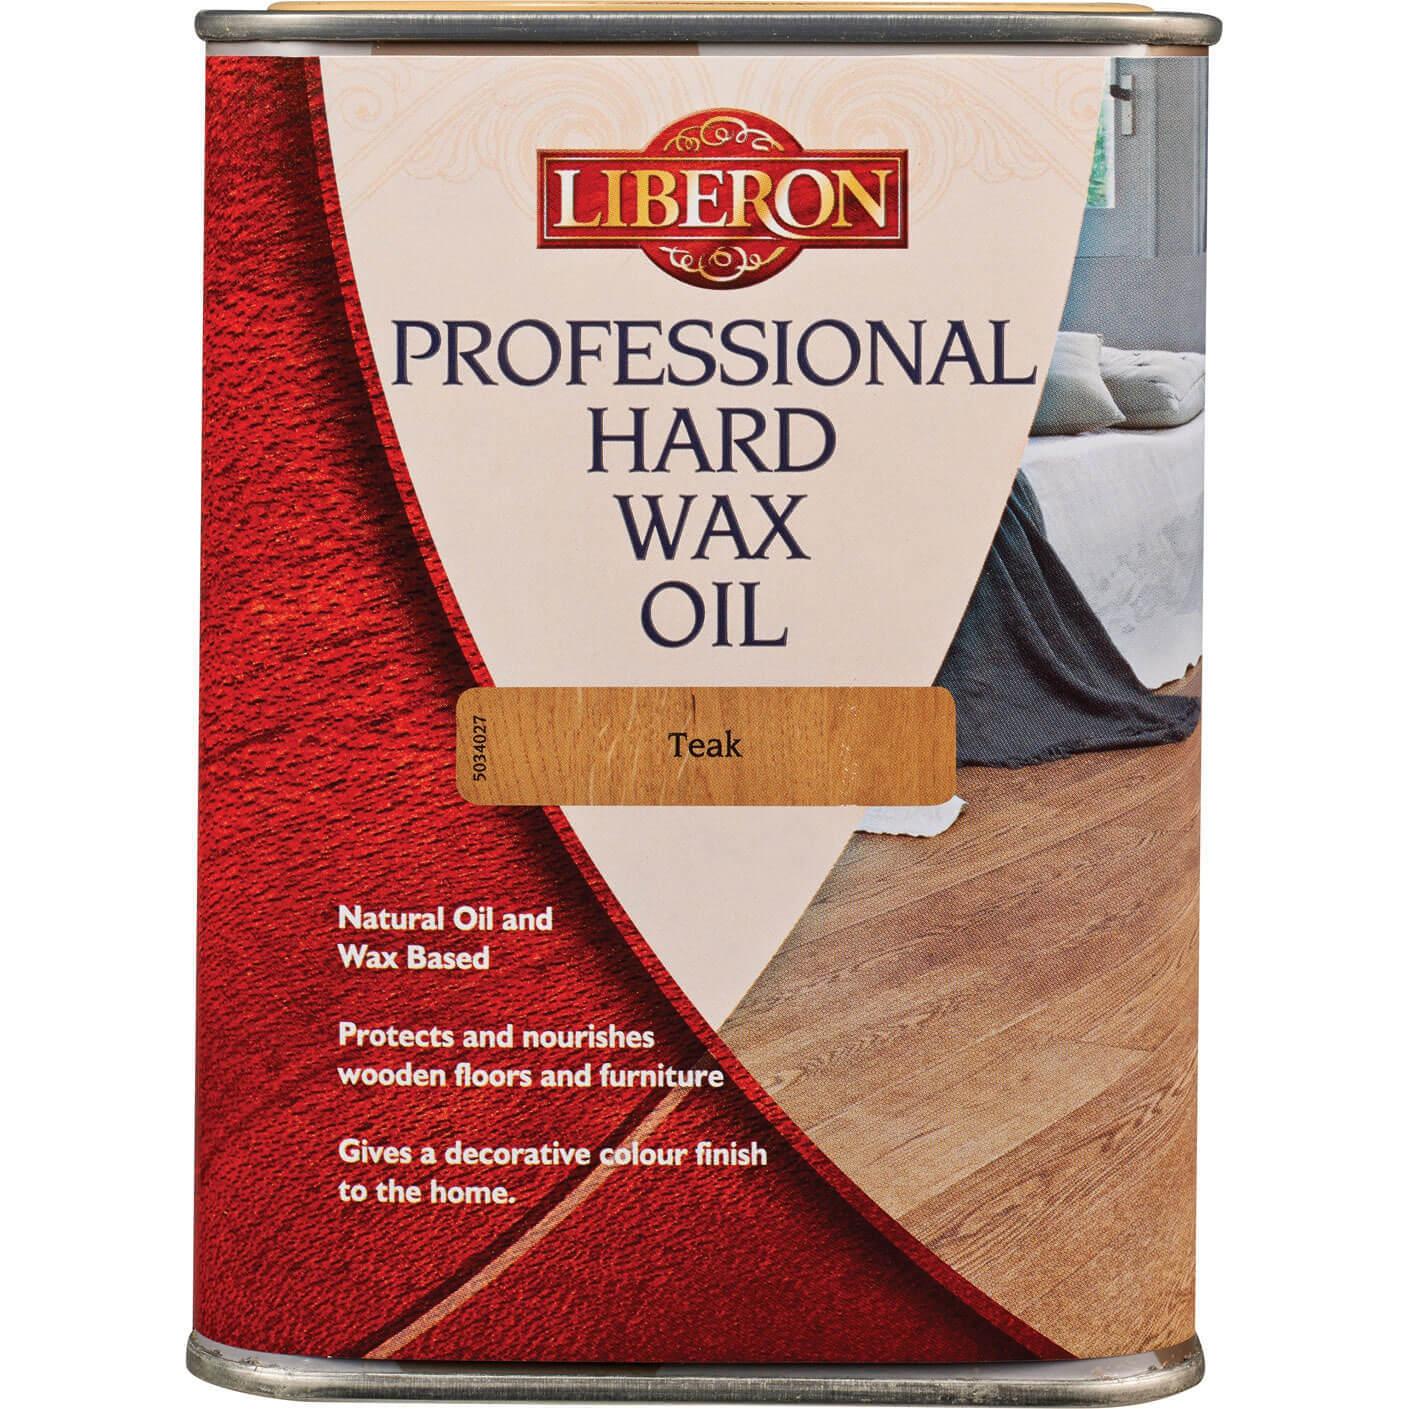 Liberon Professional Hard Wax Oil 1l Teak